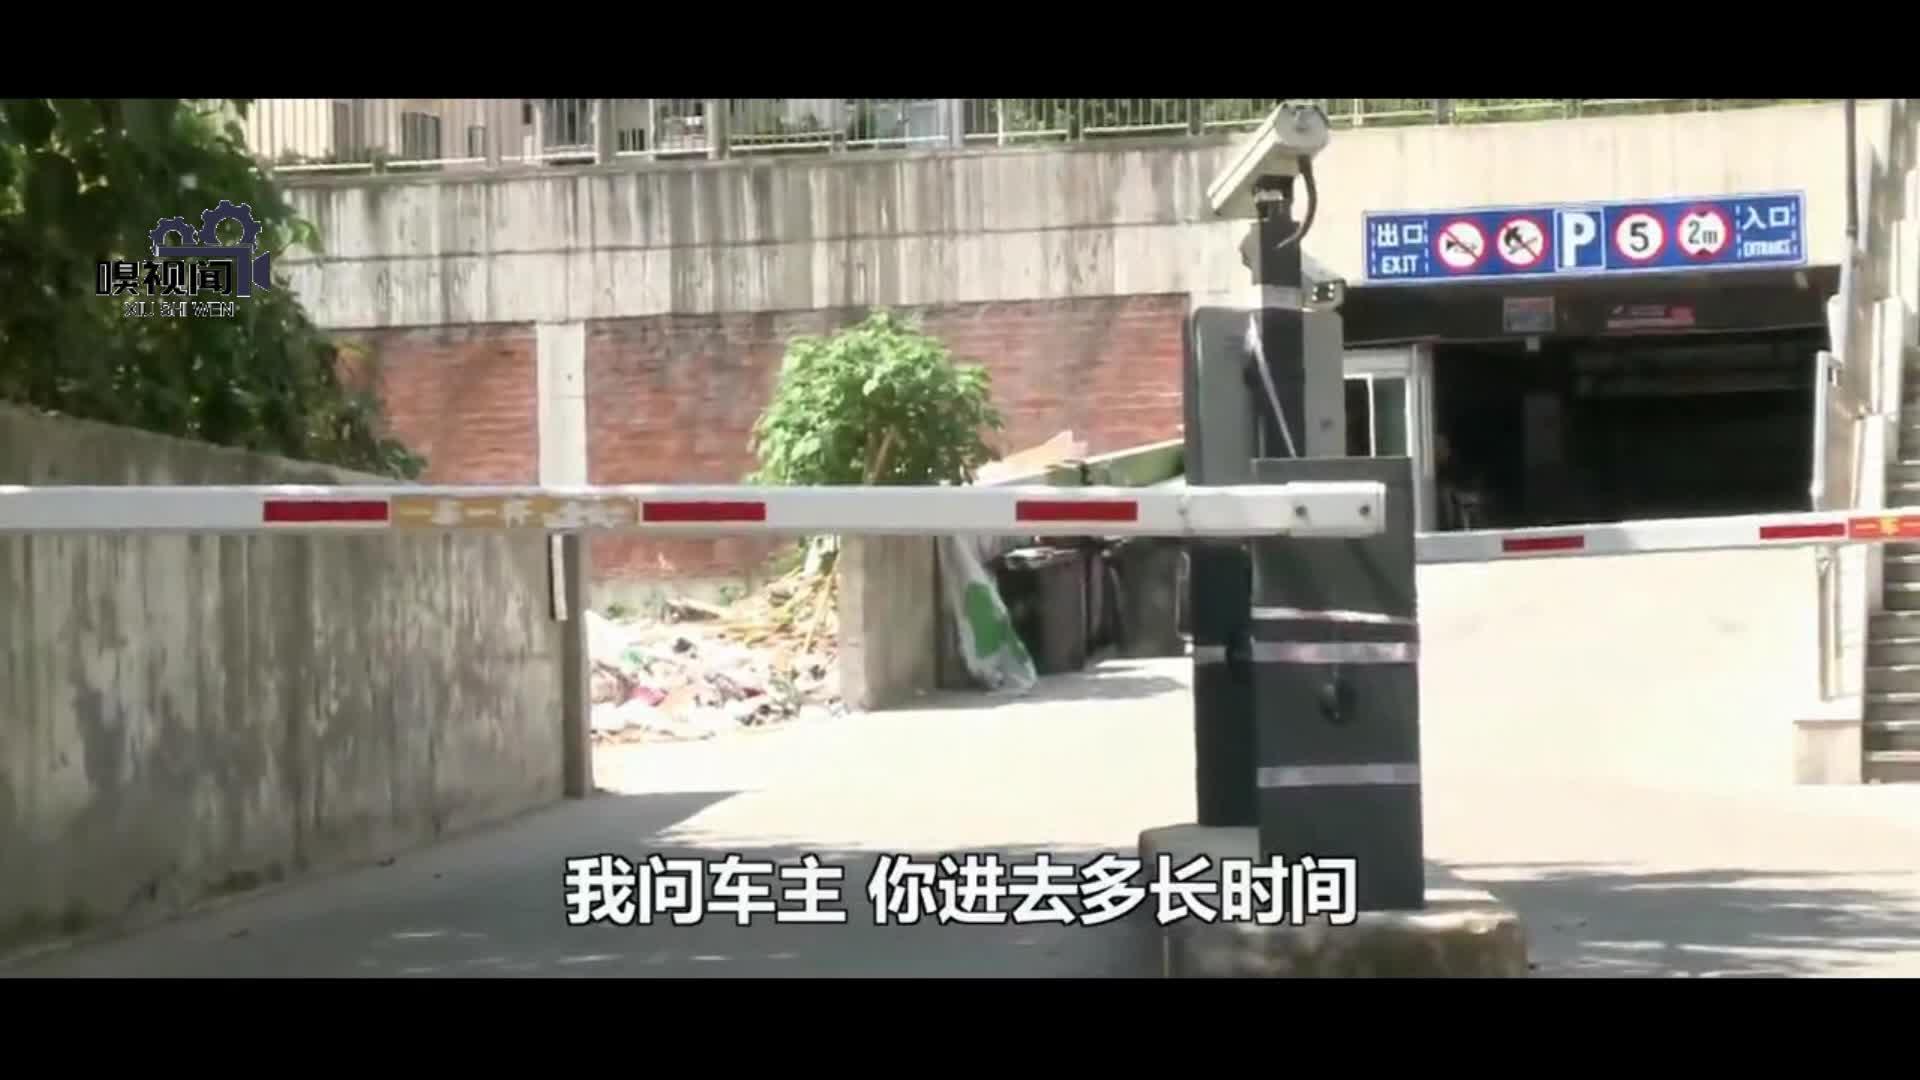 """重庆:停车7天只给14元 奇葩车主发""""毒誓"""":保安说的"""